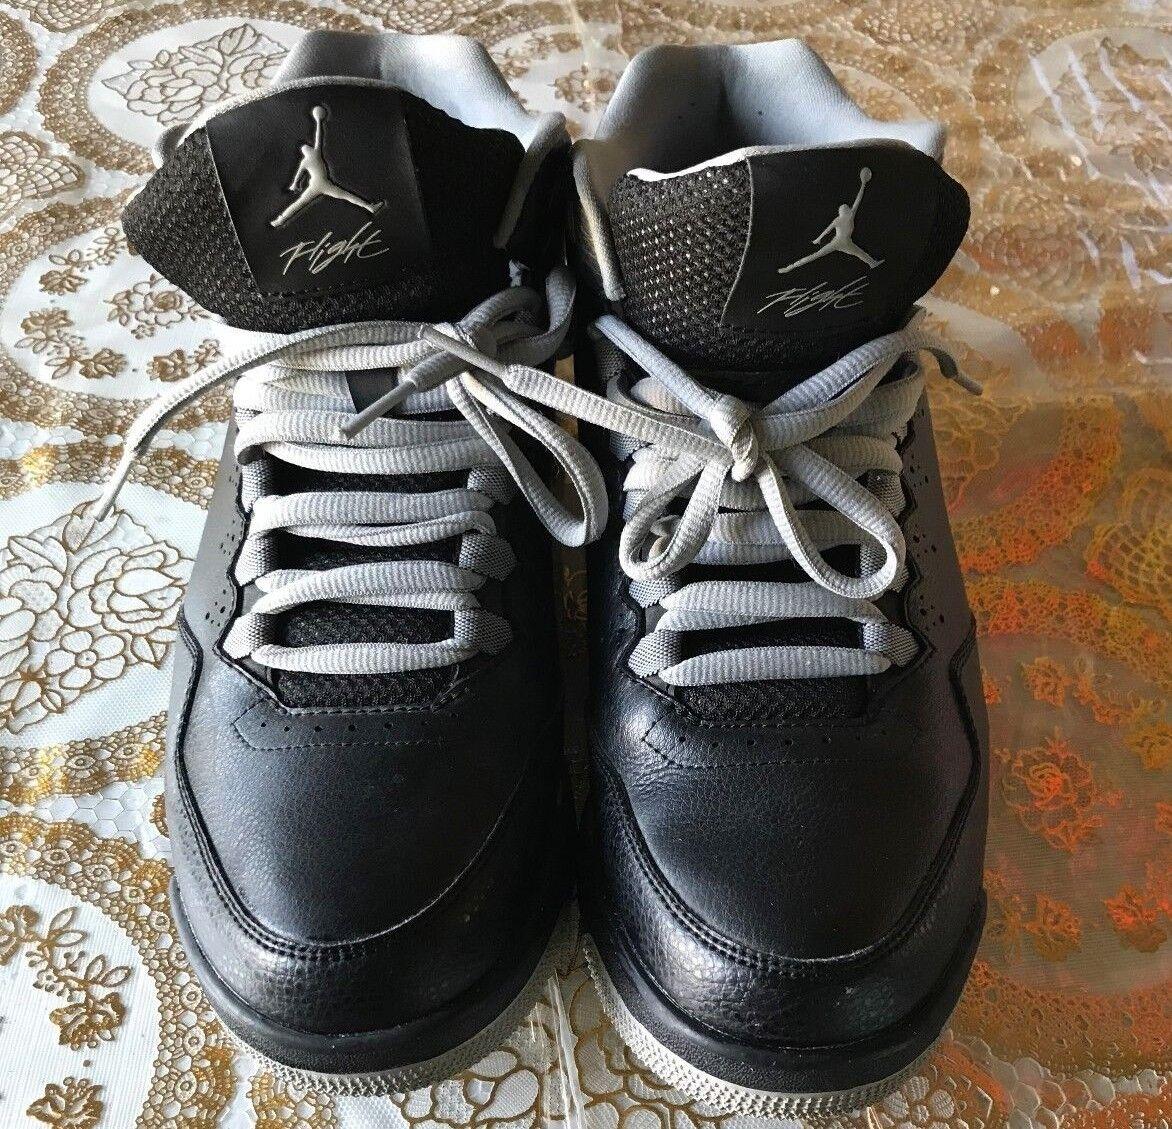 Männer - jordanien - flight origin 2 schwarz / weiß / grau größe 8,5 705155-005